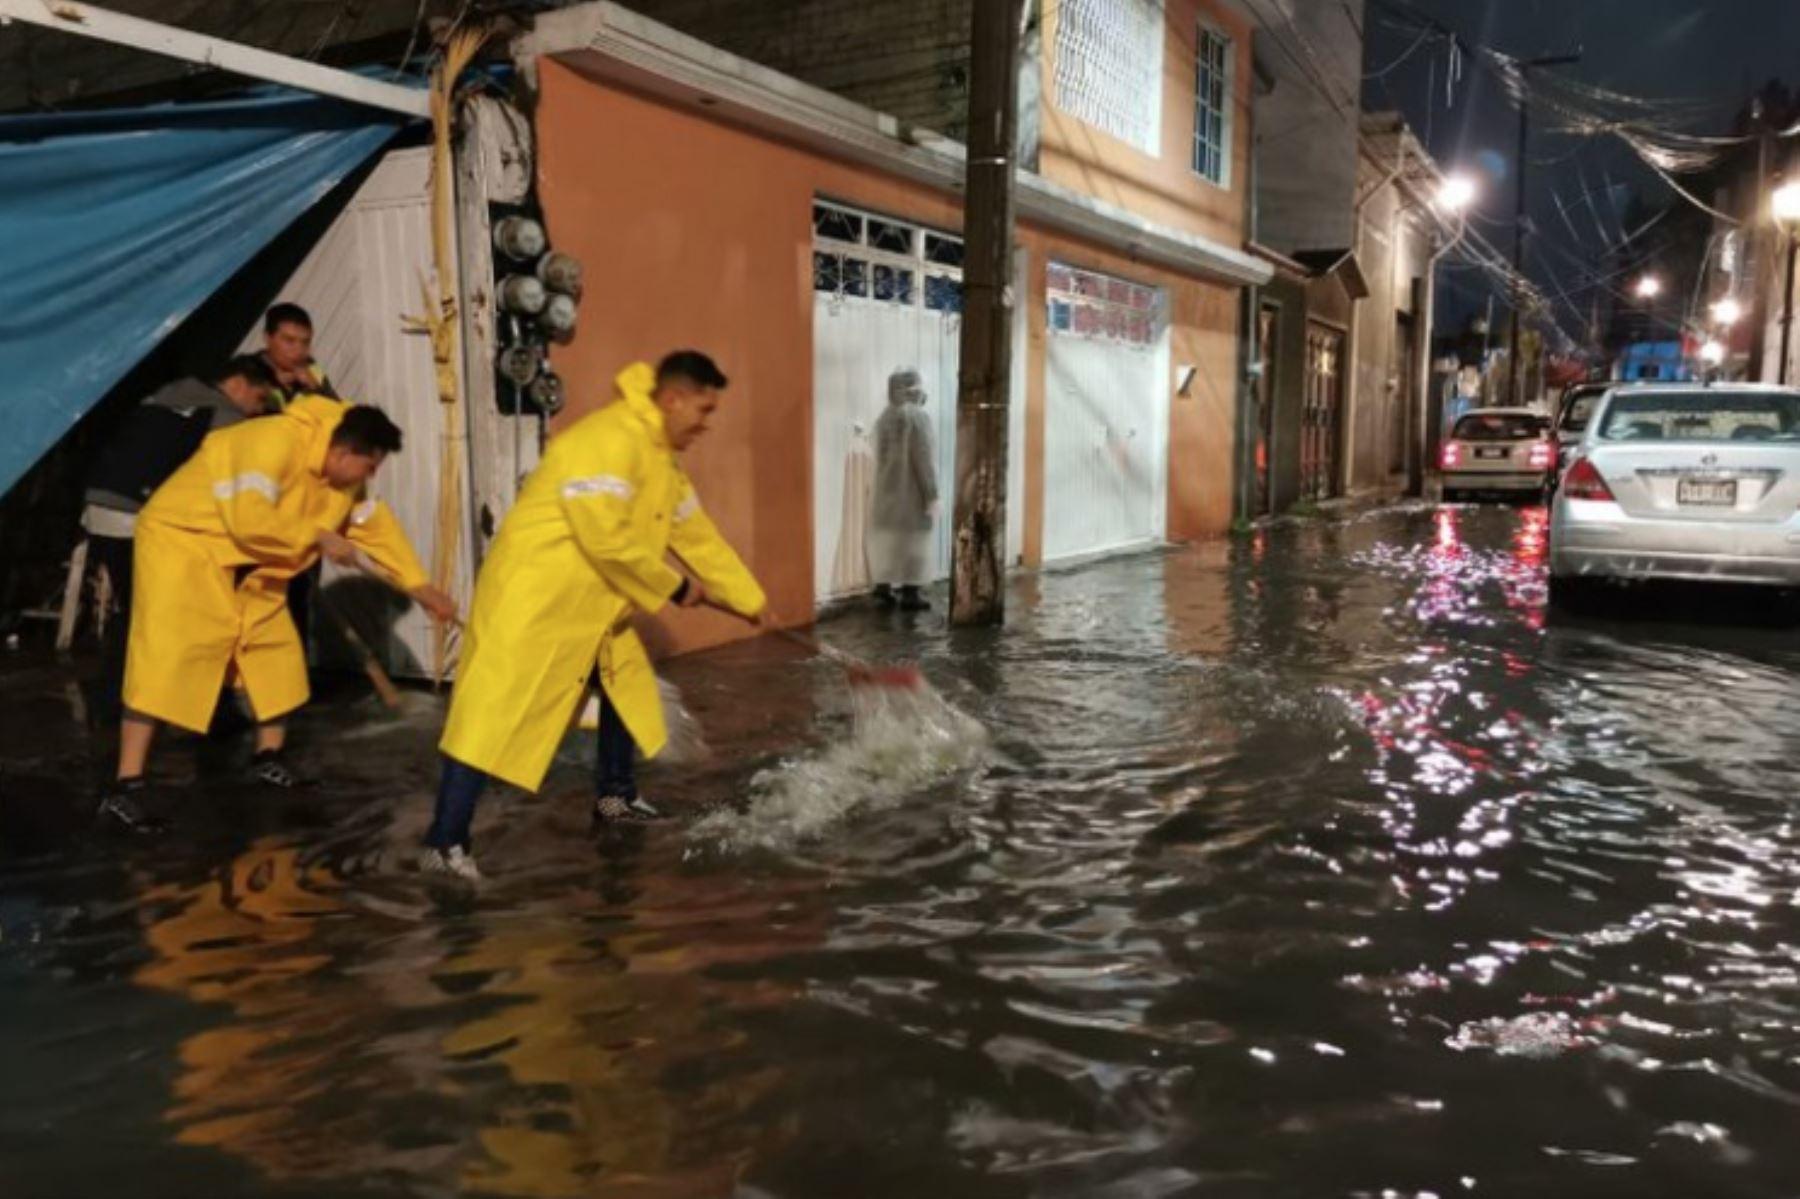 La Ciudad de México registra inundaciones tras atípicas lluvias   Noticias